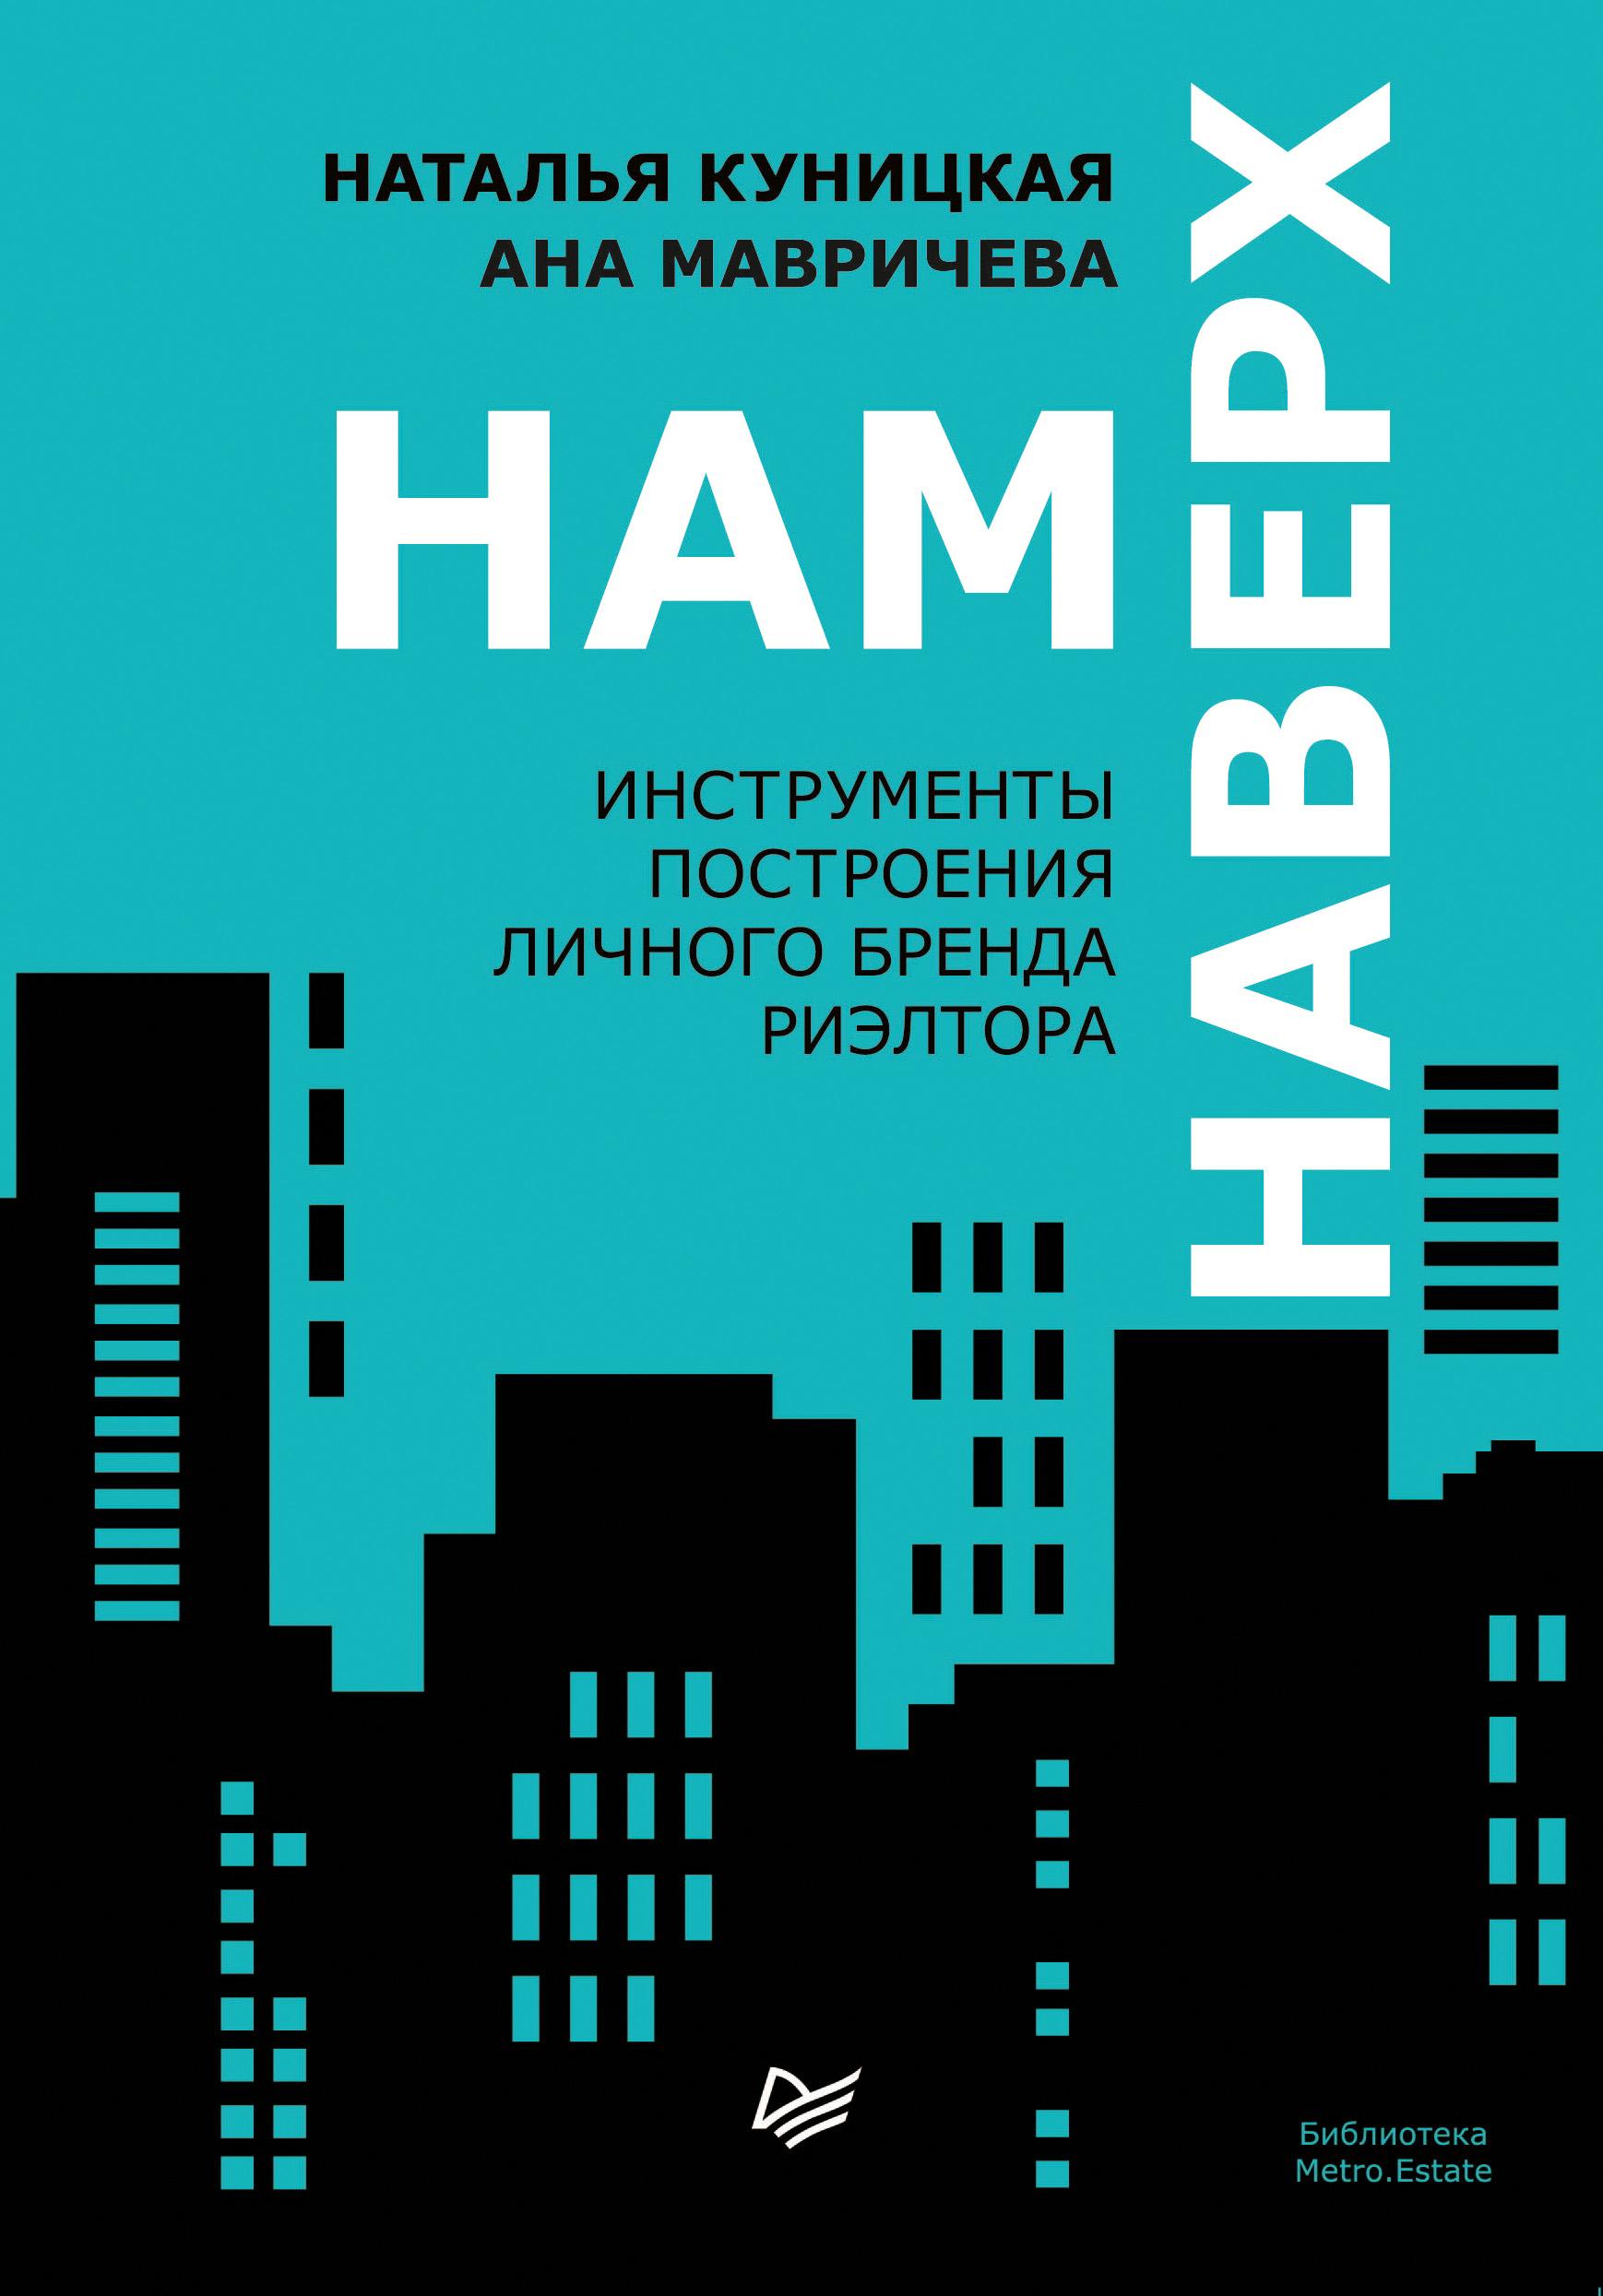 Обложка книги. Автор - Ана Мавричева